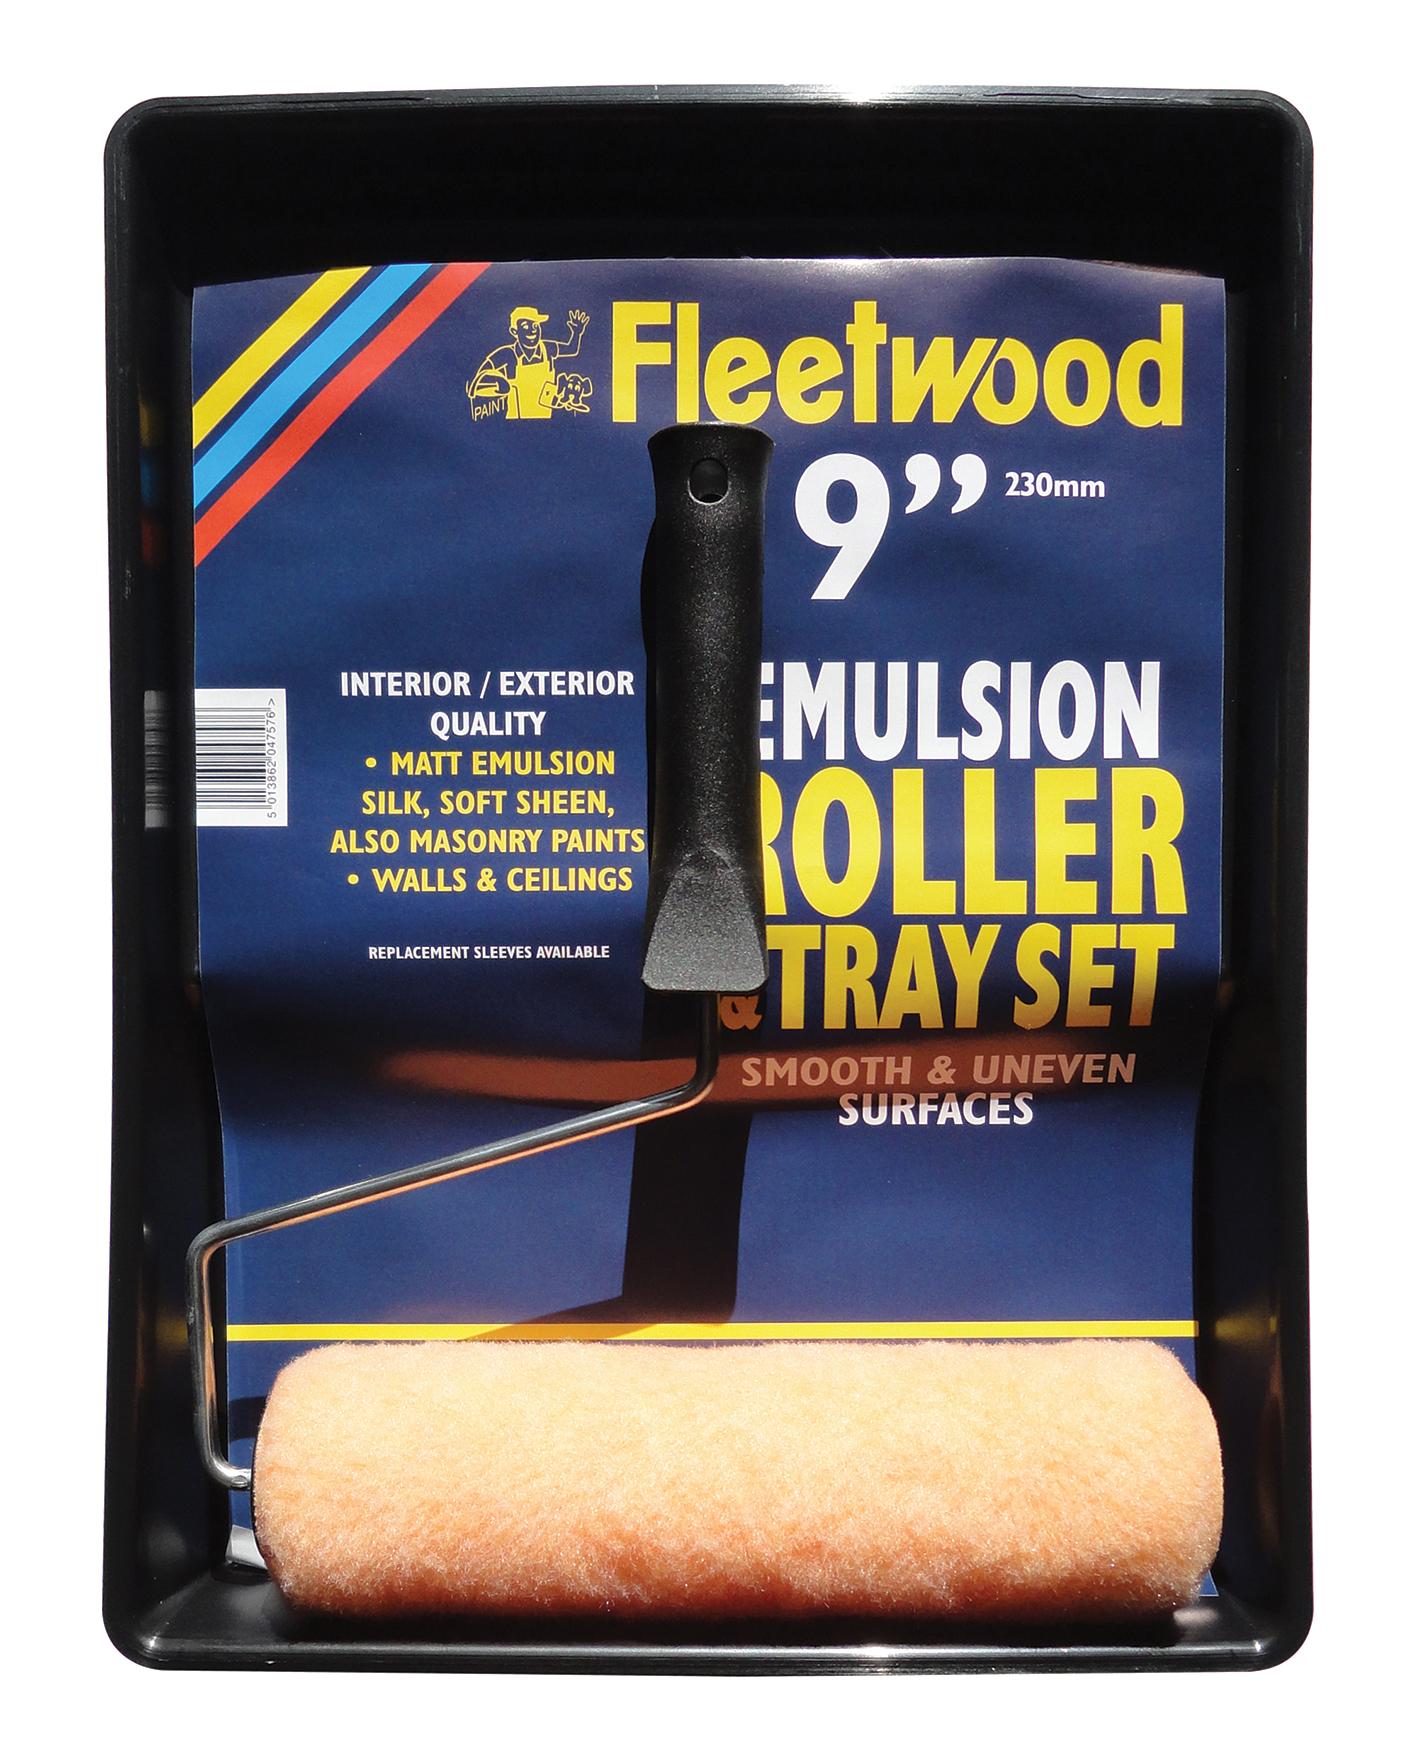 """9"""" Budget Roller Set (F/W Emulsion Roller & Tray Set)"""